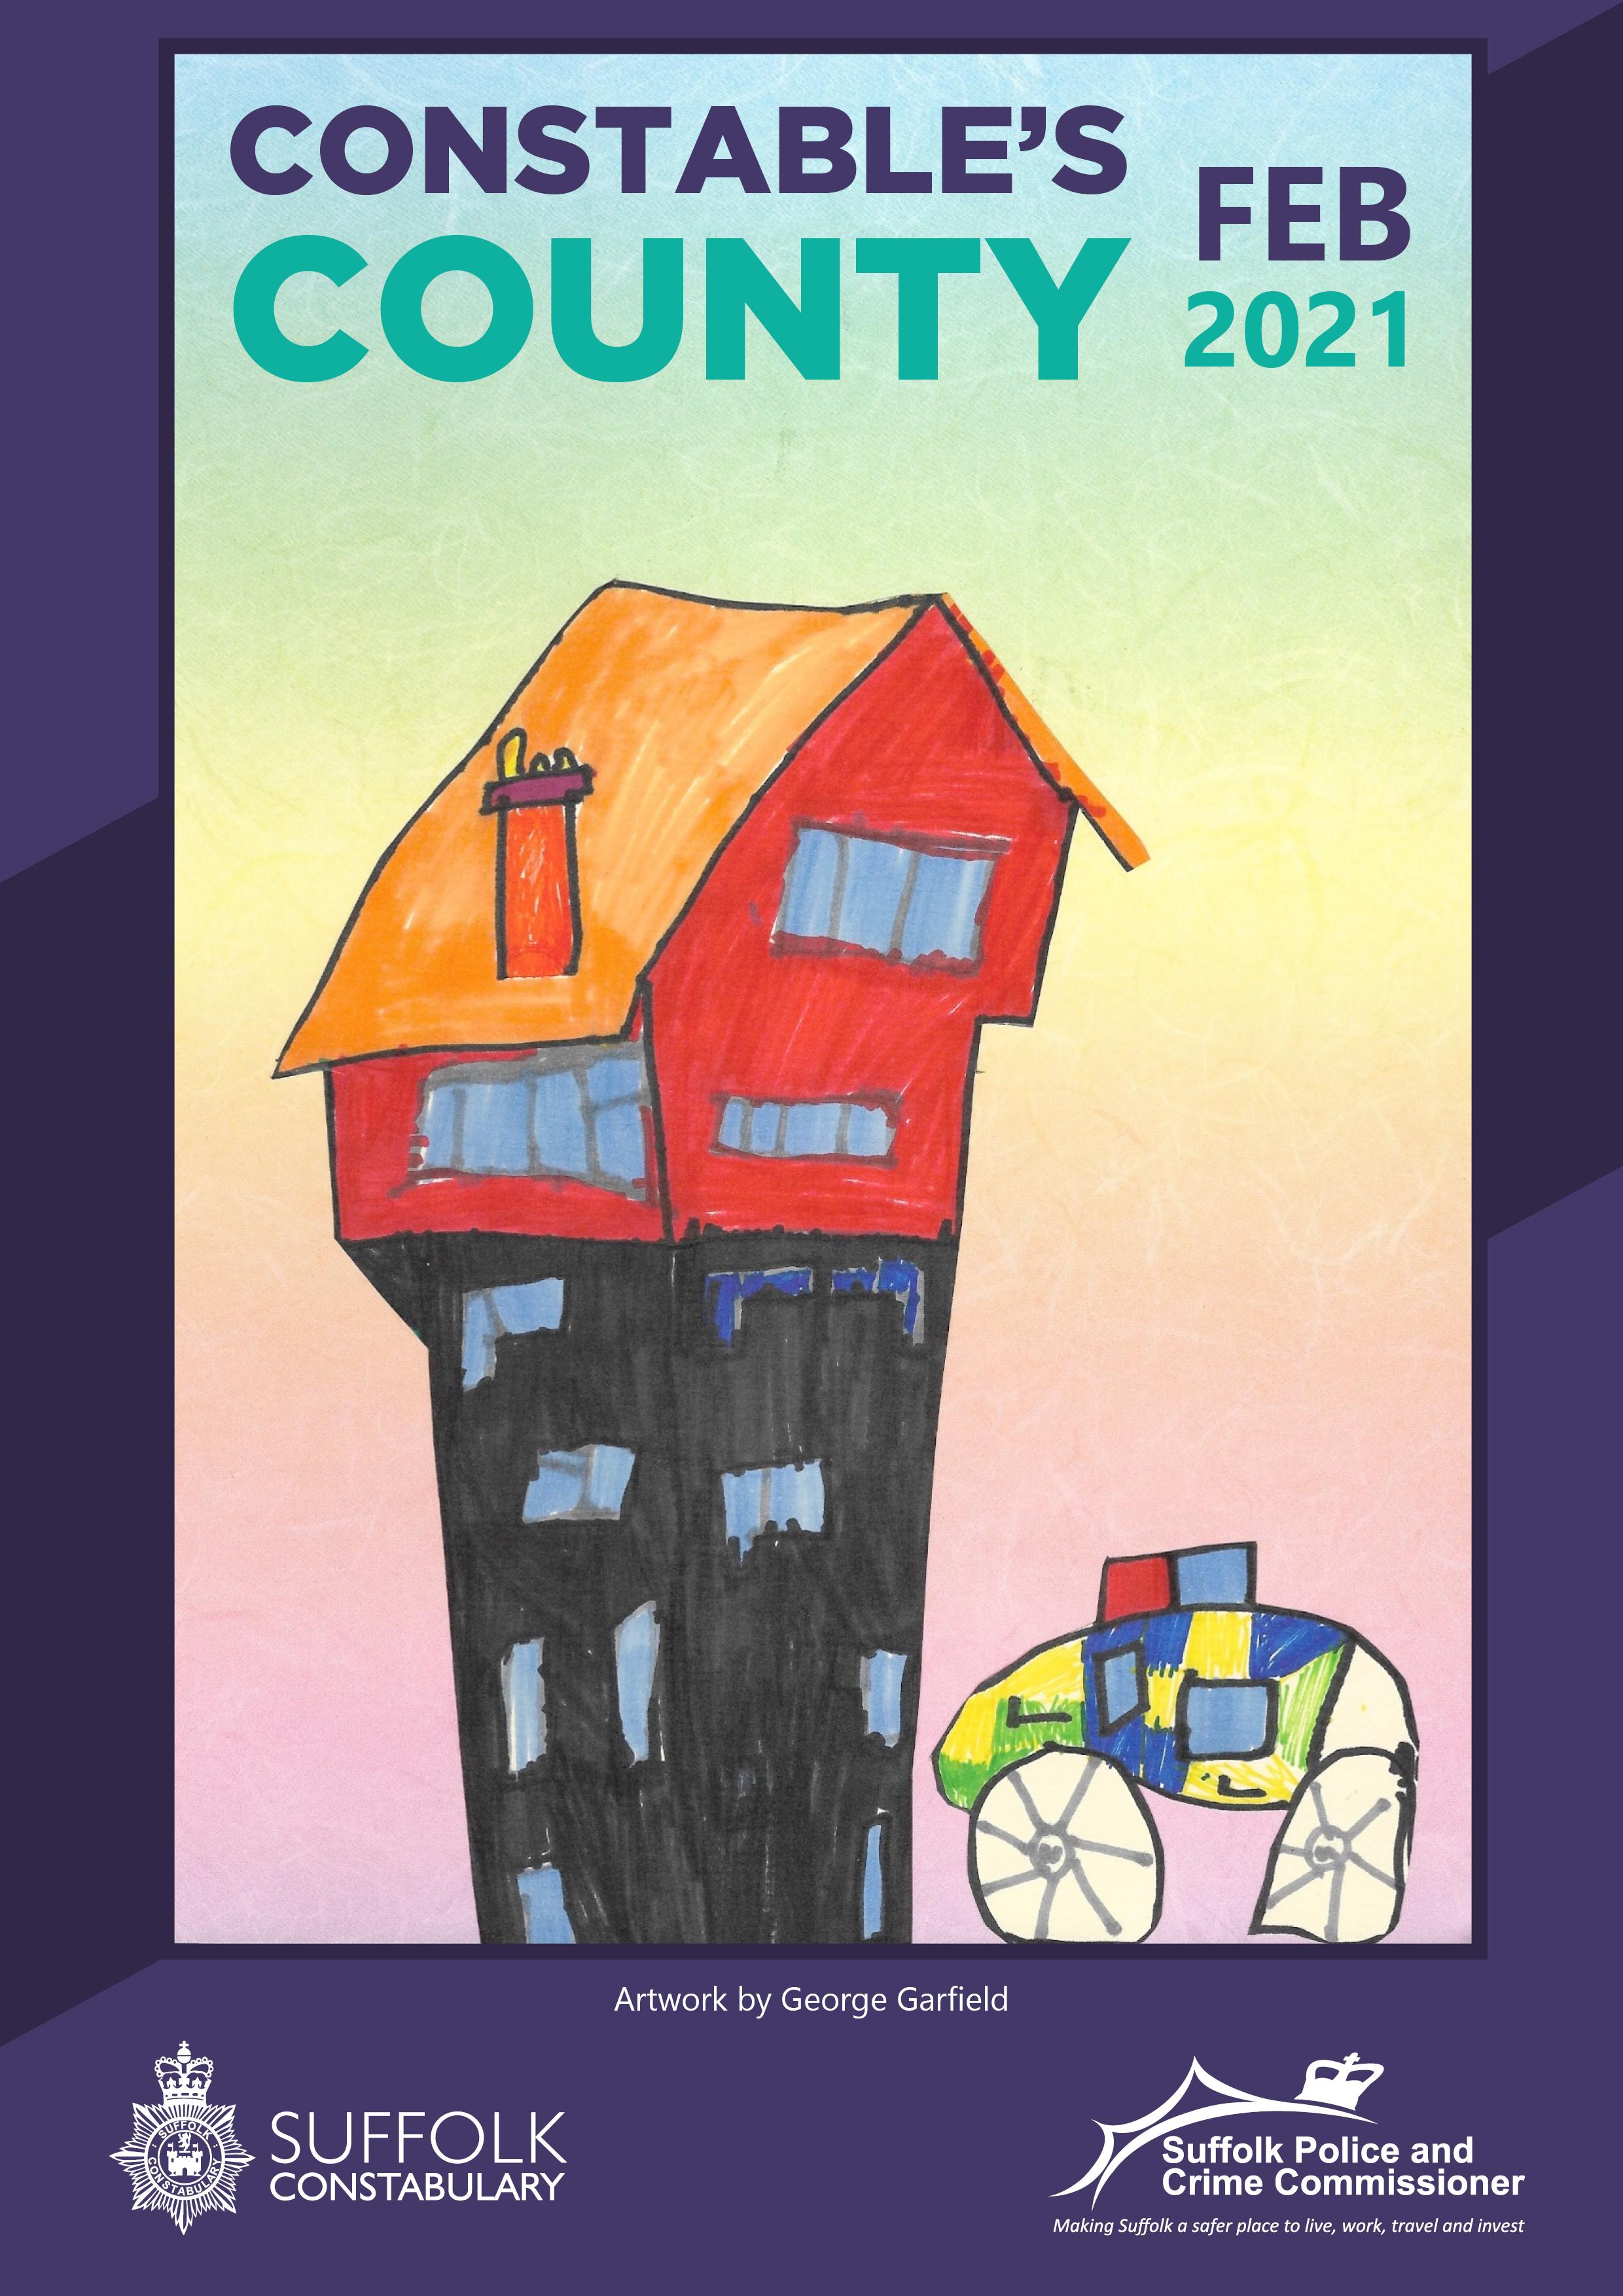 CEO Constables County